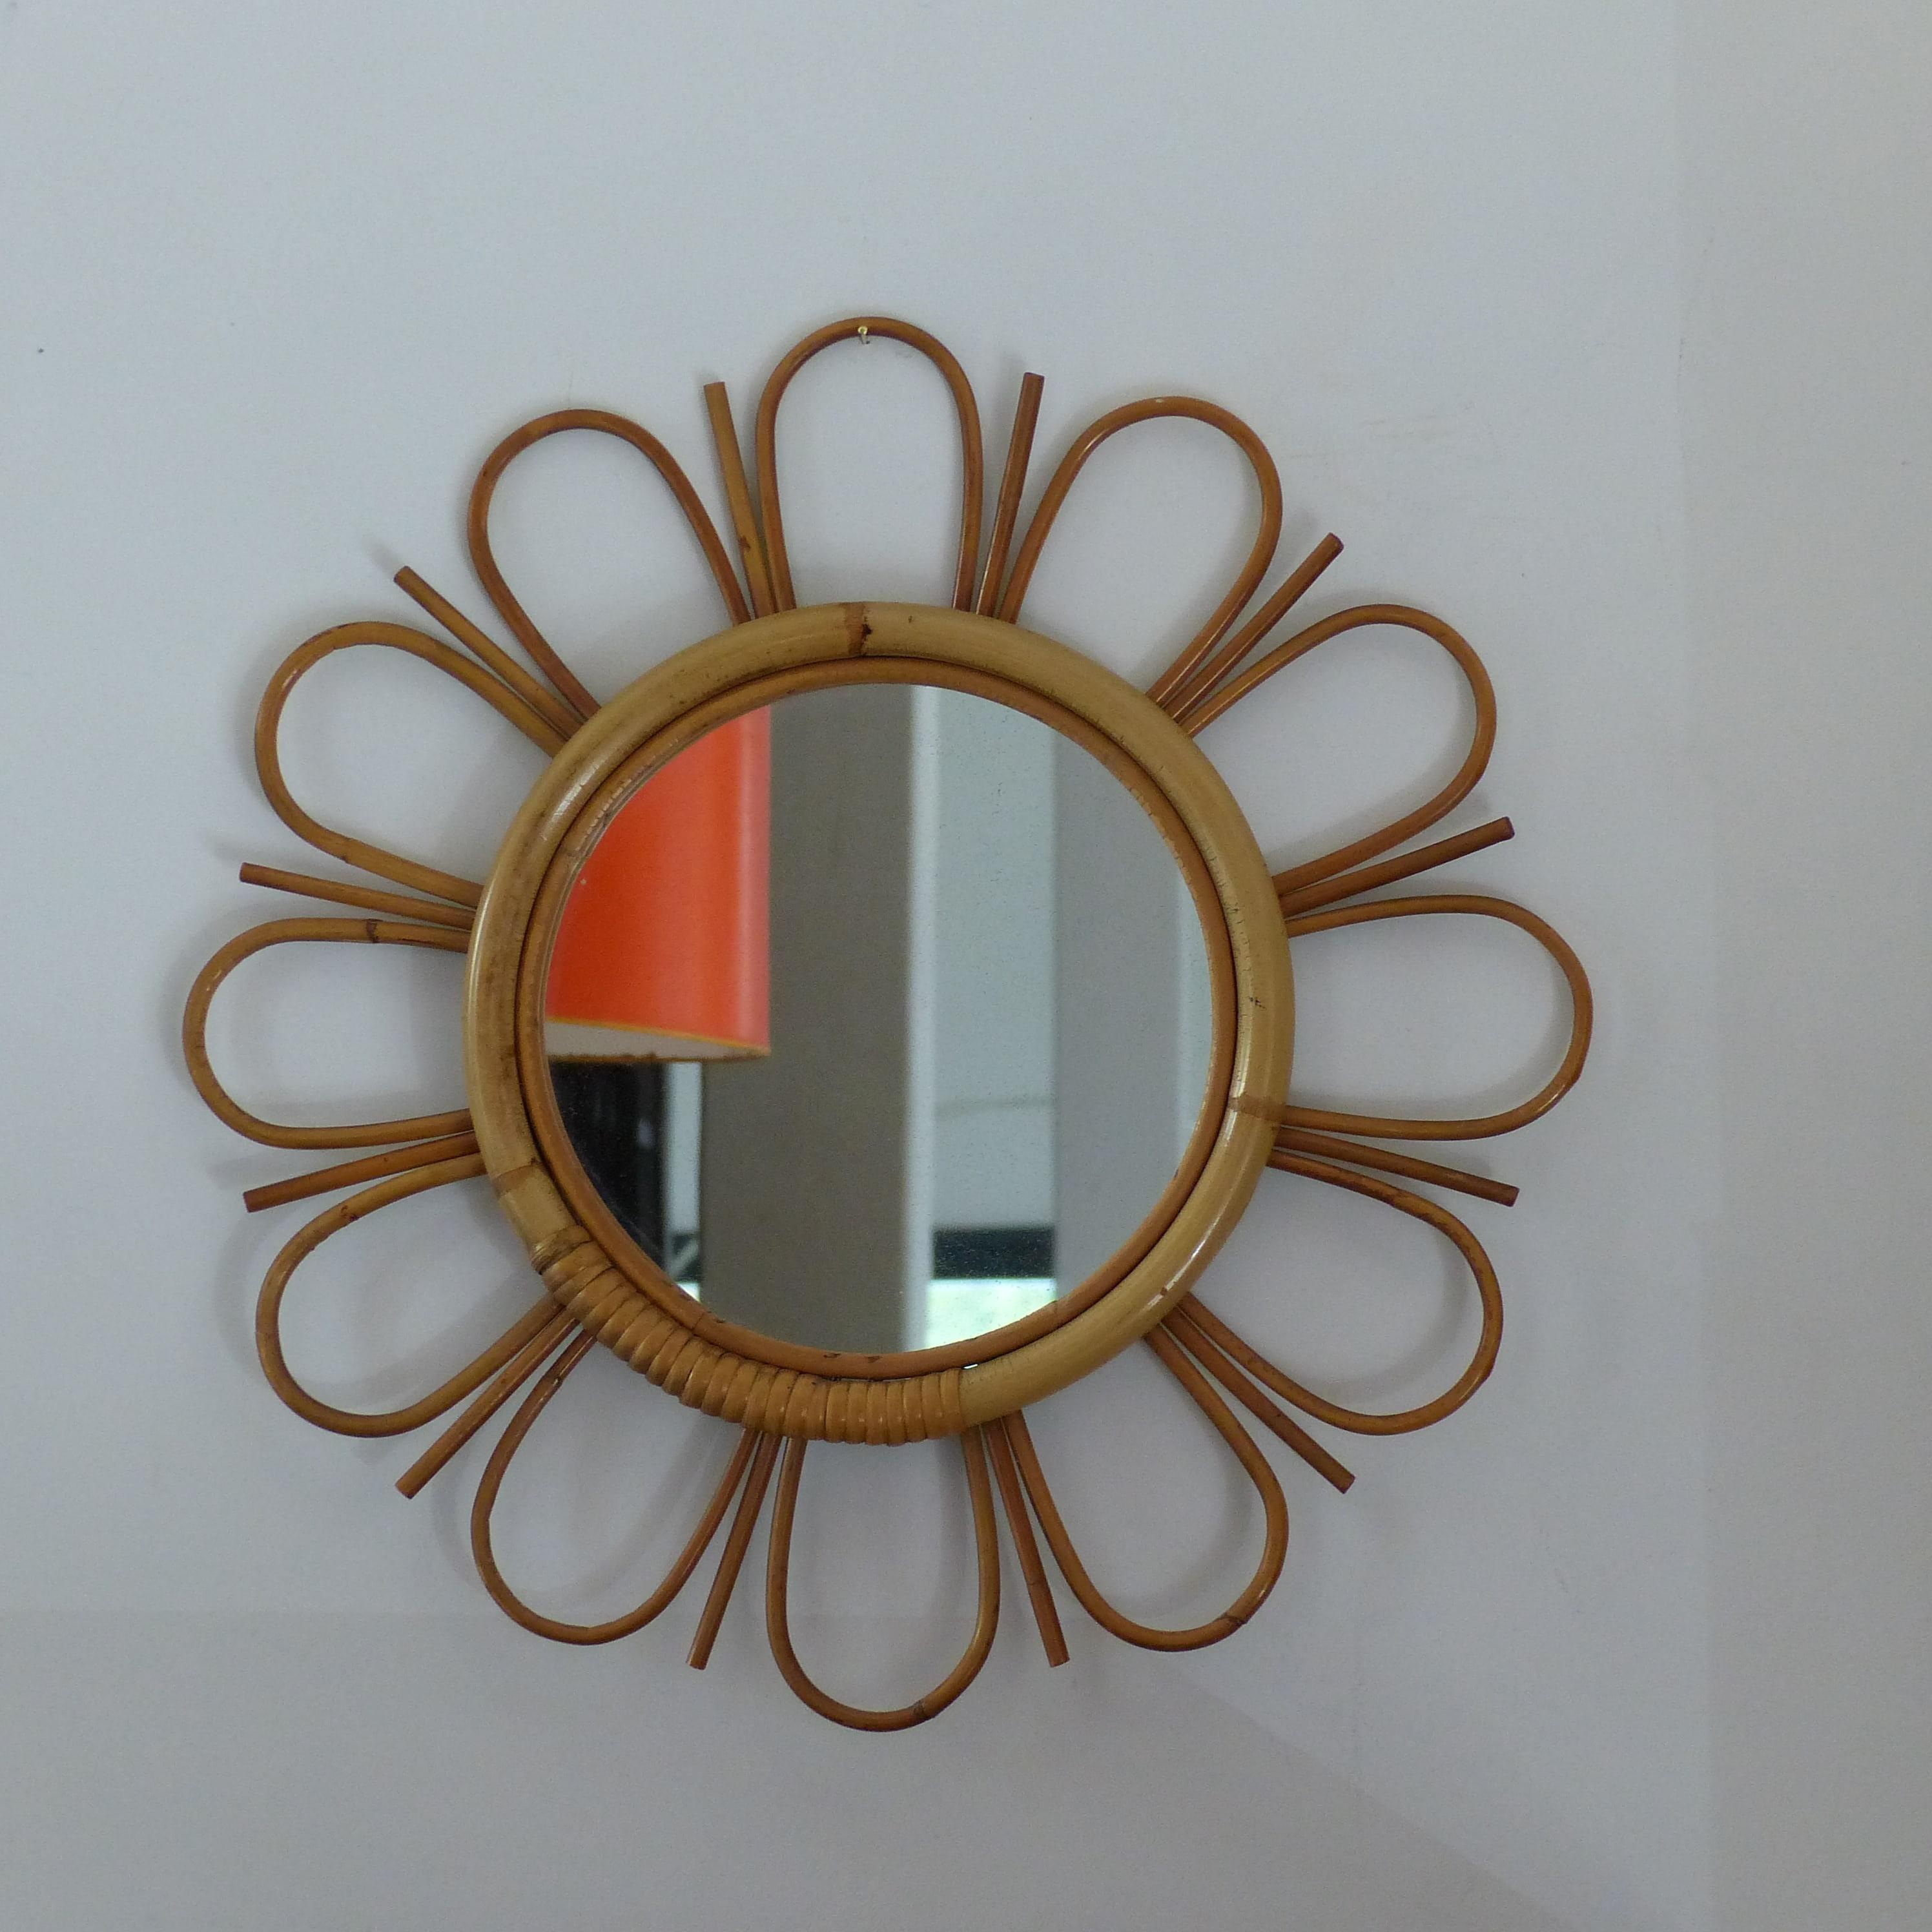 Miroir fleur en rotin lignedebrocante brocante en ligne for Miroir diametre 50